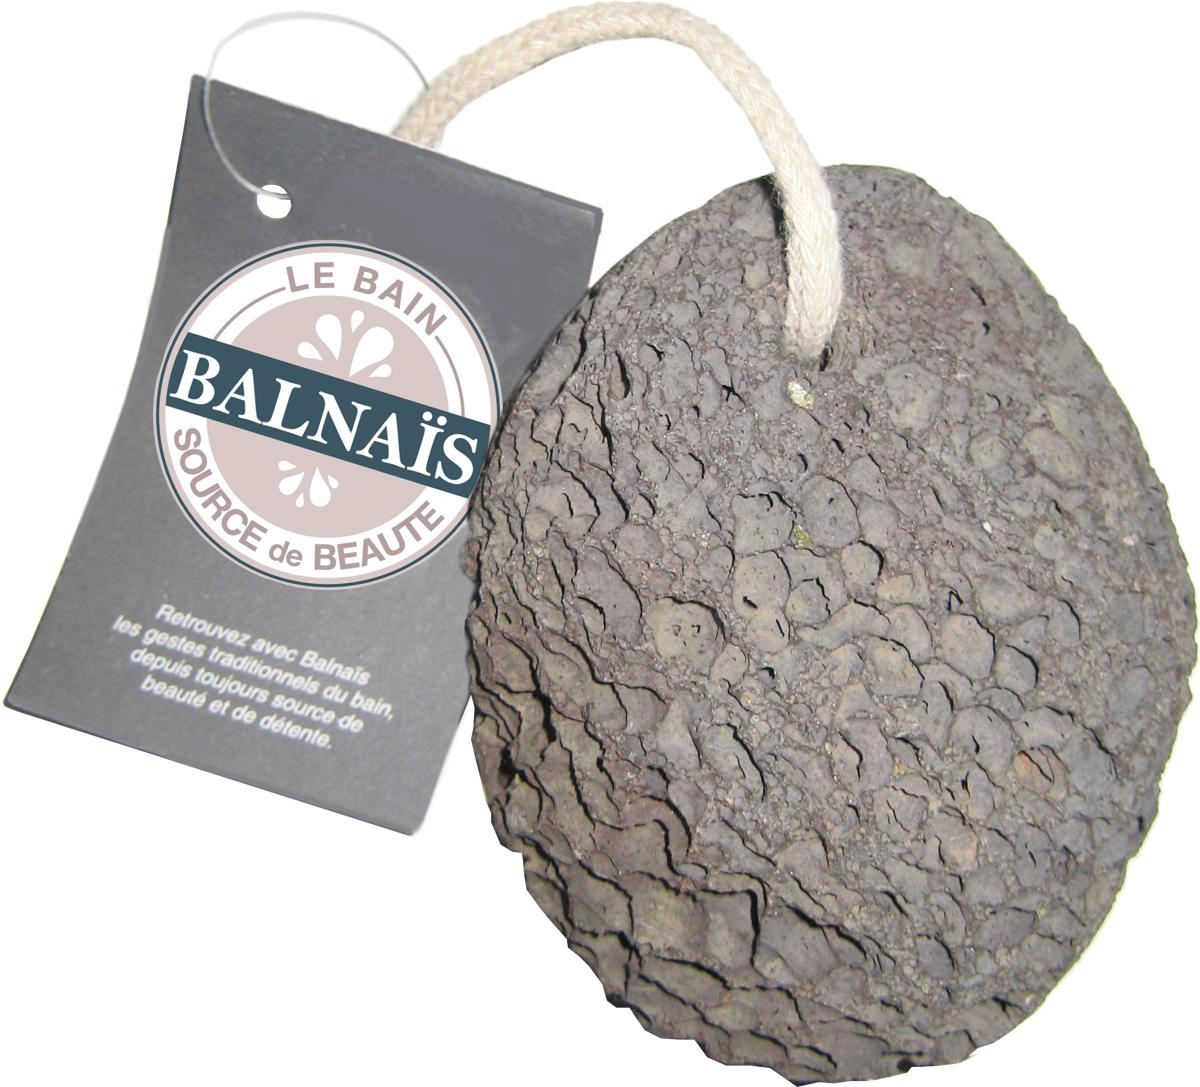 Balnais Пемза из вулканической лавы233cz-1202в_зеленаяПемза из натуральной вулканической лавы идеально подходит для удаления огрубевшей кожи ног